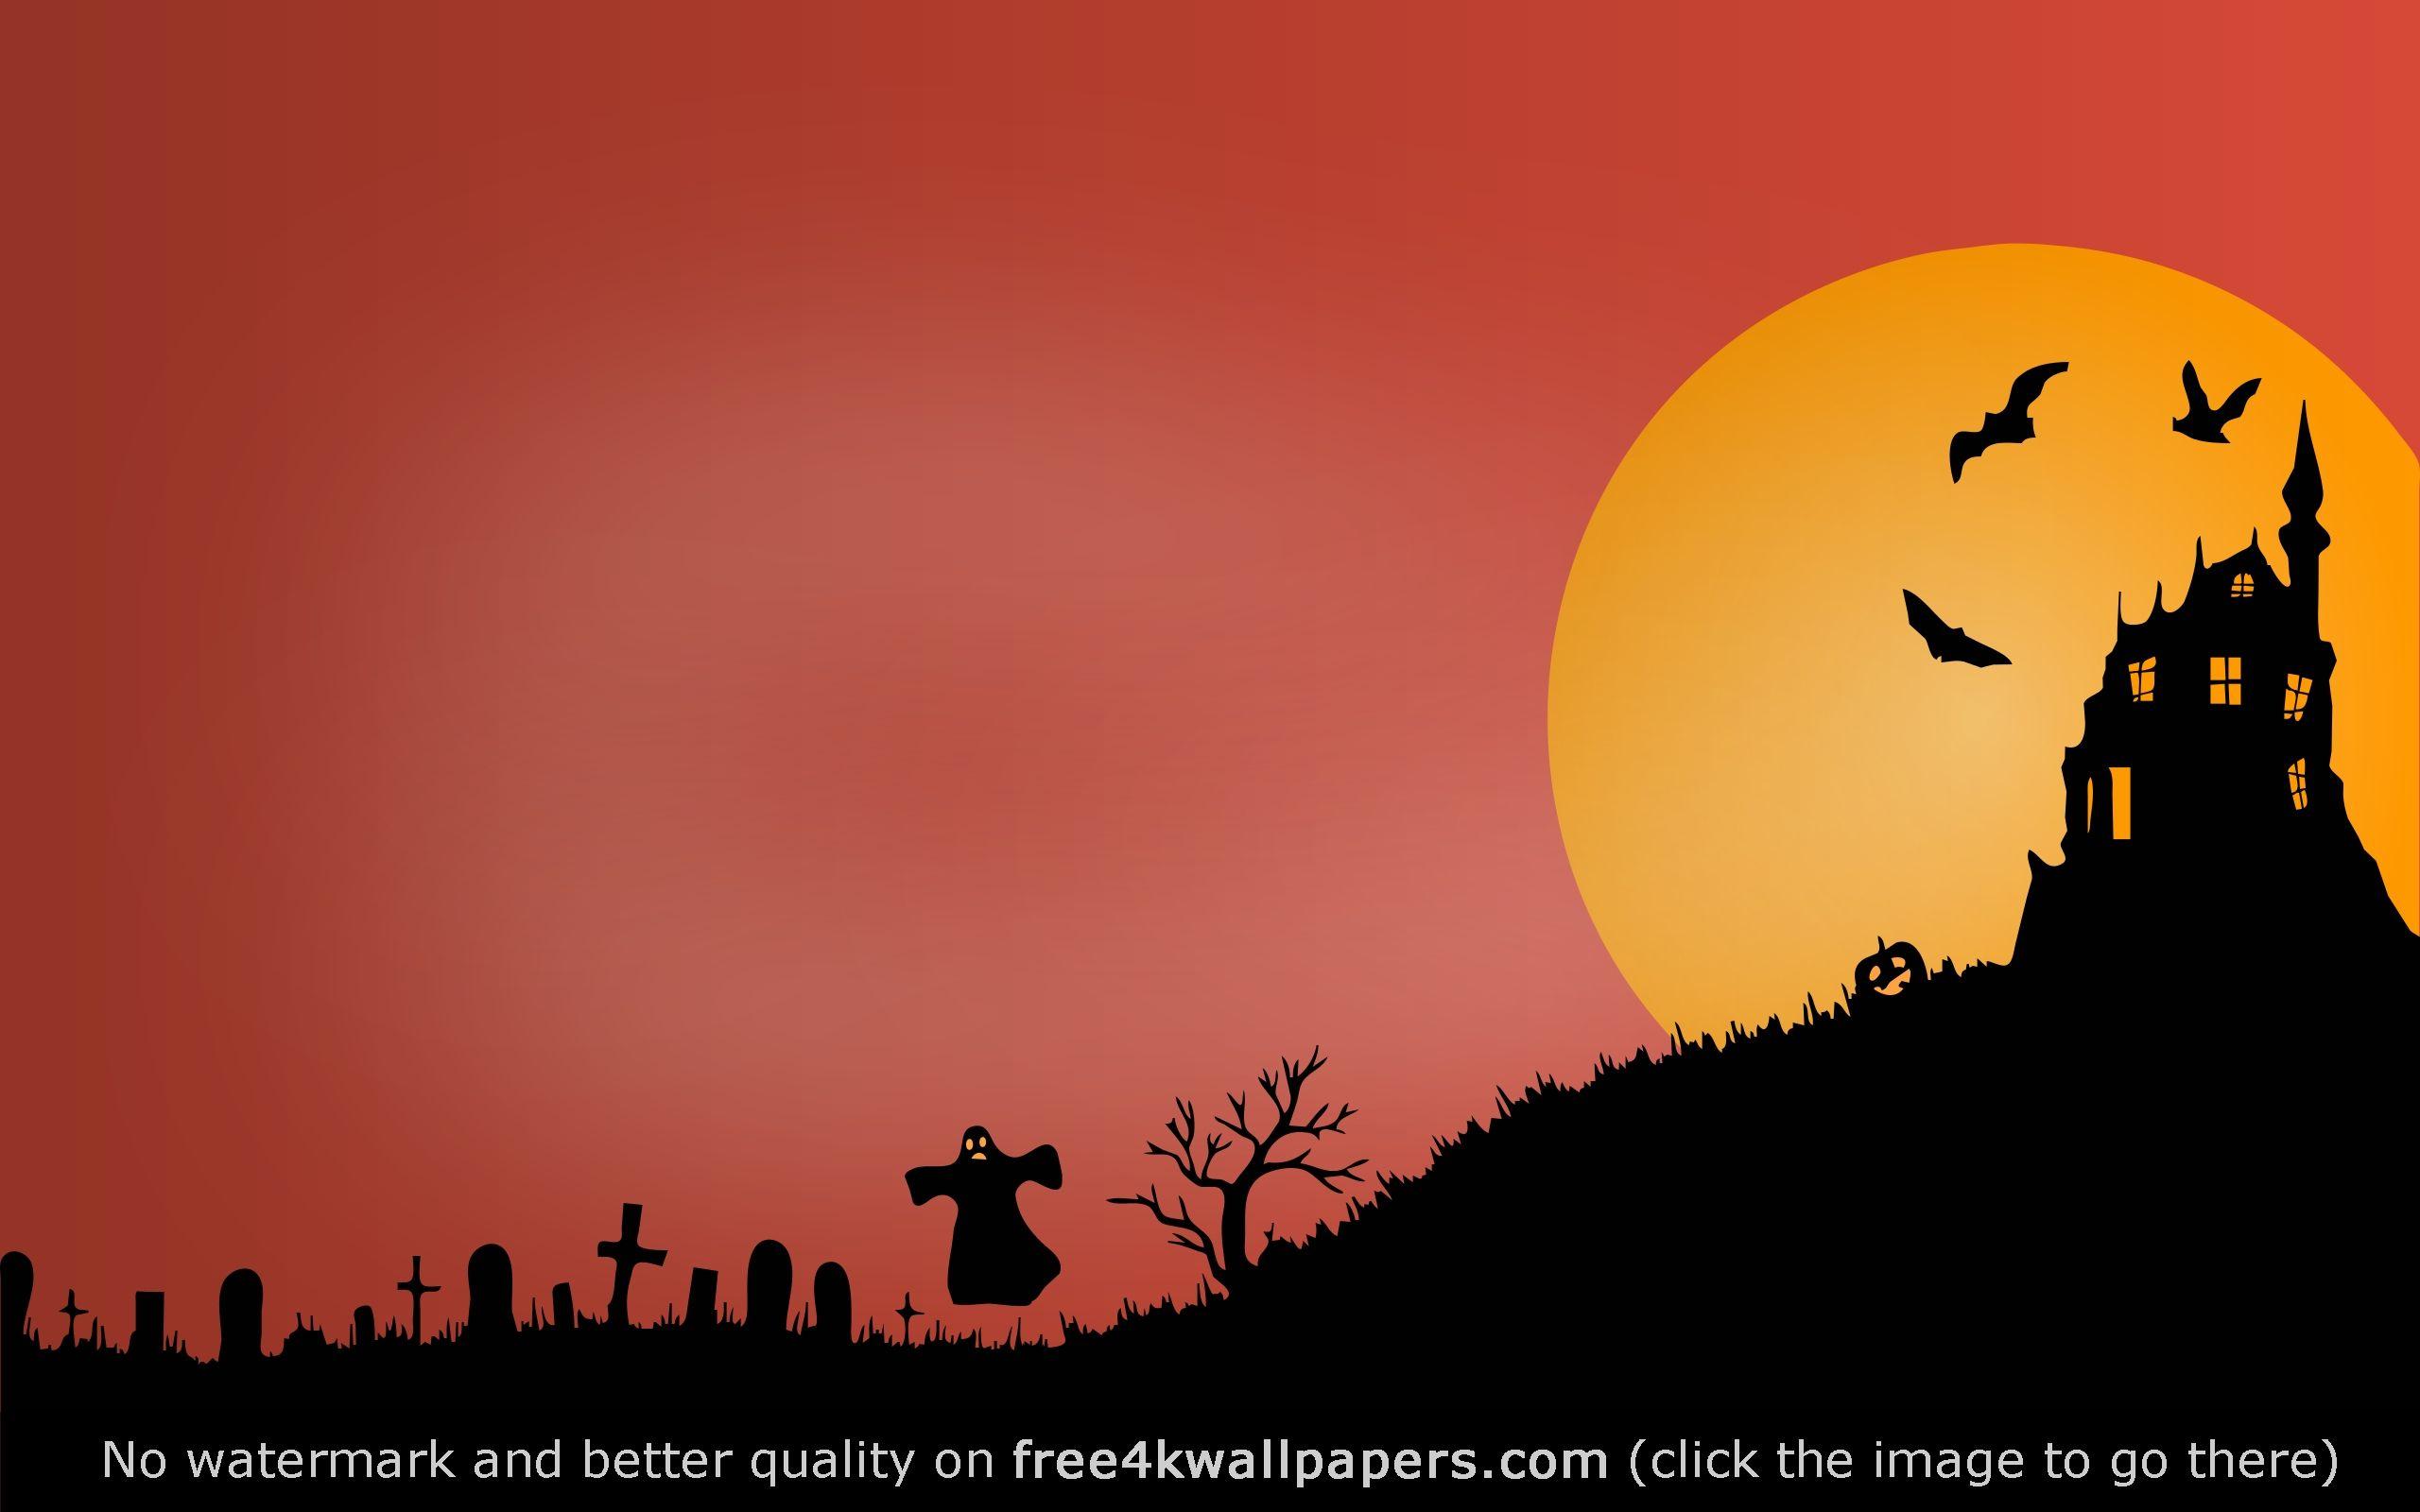 Most Inspiring Wallpaper Halloween Unique - 8eec59f9f7415f3966d4133fd46af0e4  Image_152118.jpg